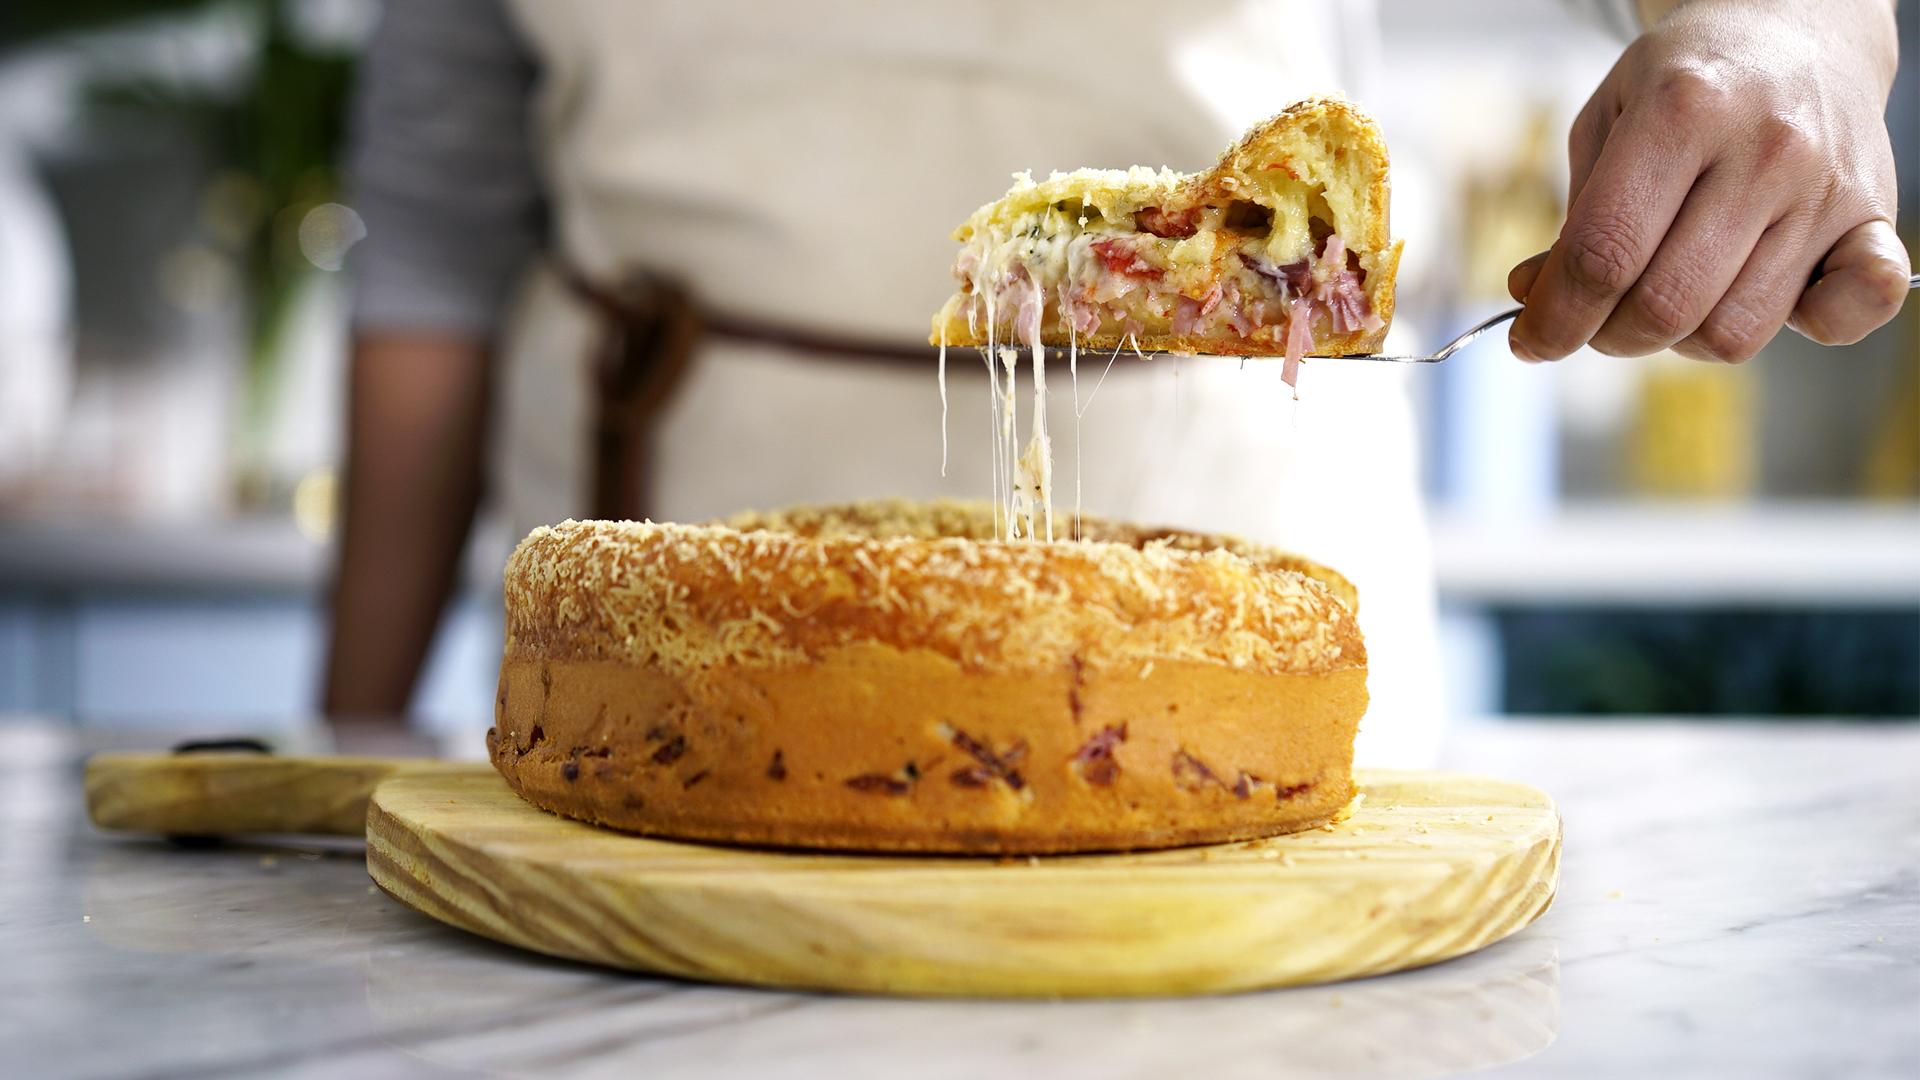 Gâteau salé aux courgettes - une recette super facile et rapide à faire